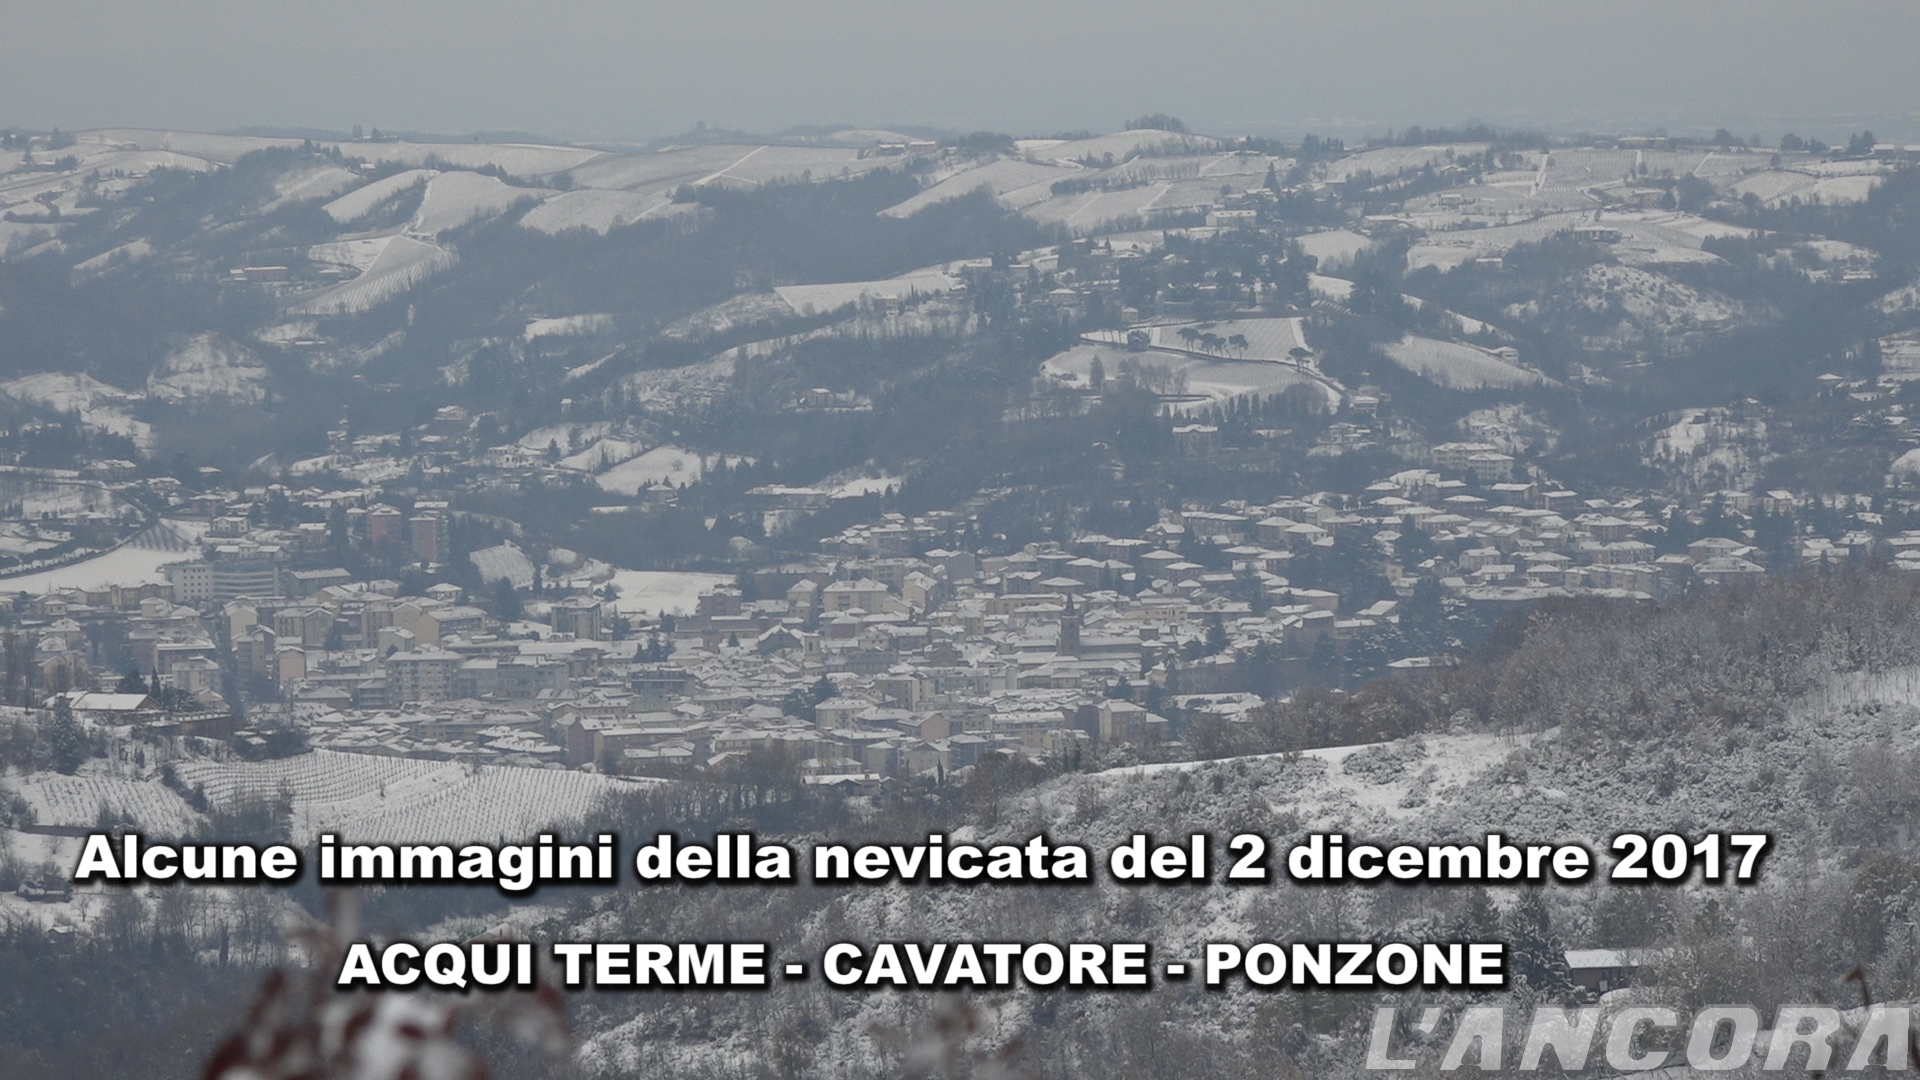 Photo of Nevicata del 2 dicembre 2017